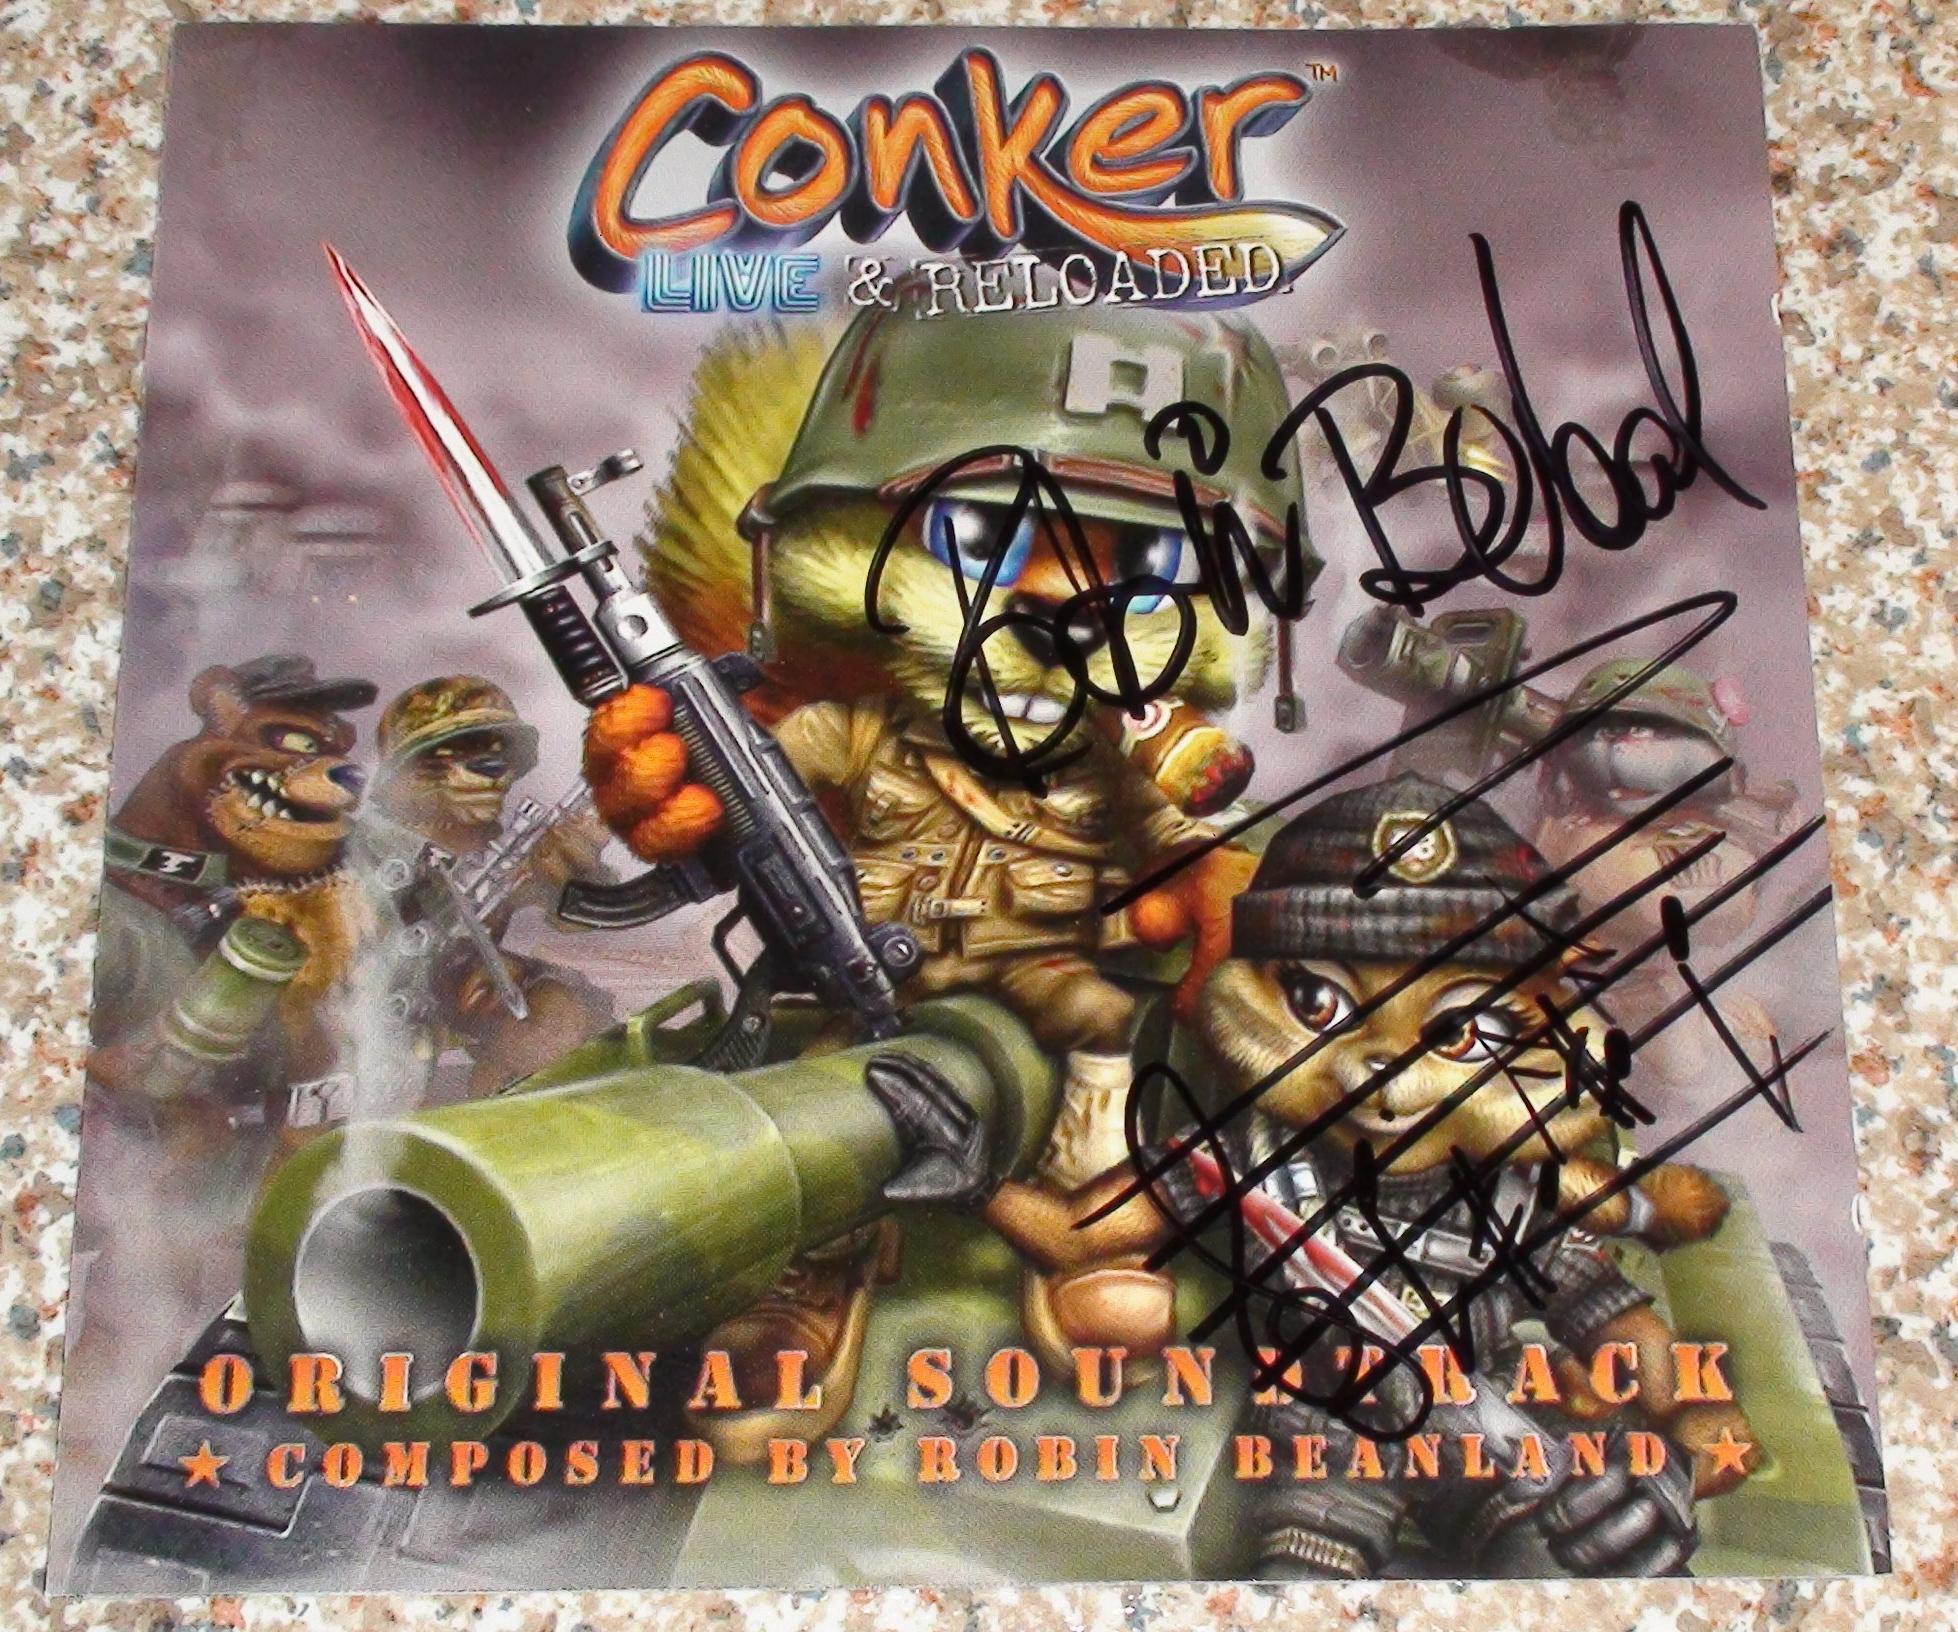 Conker OST- Robin Beanland